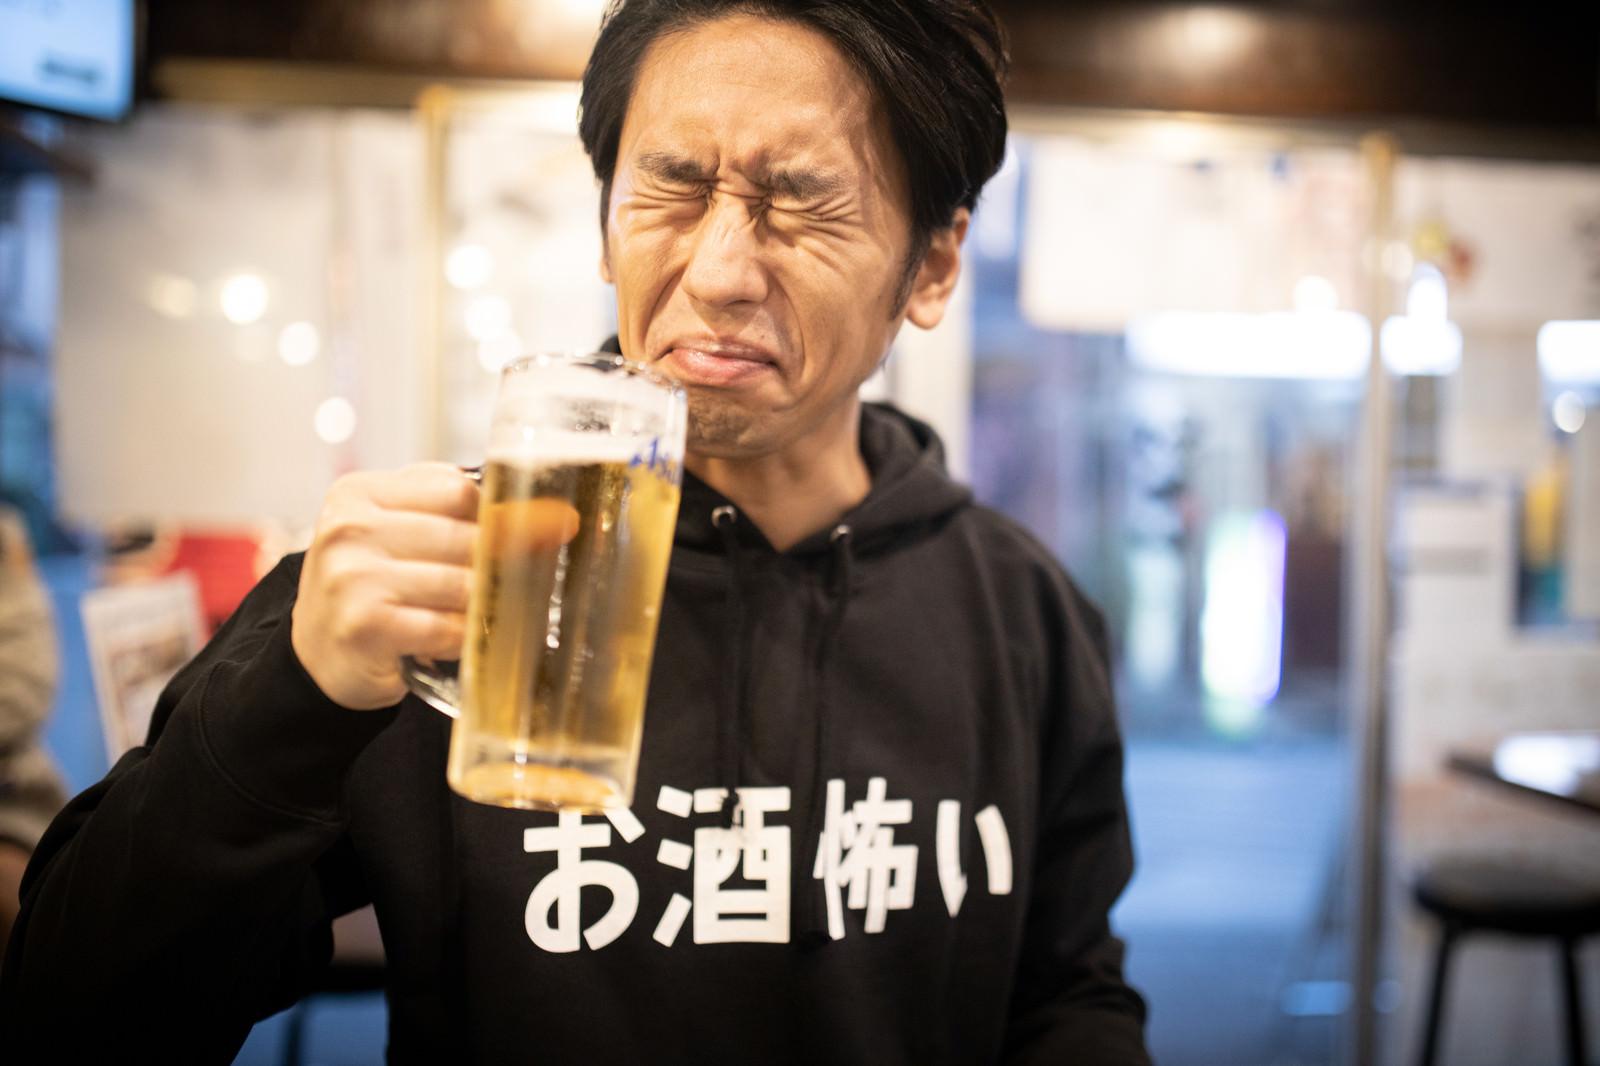 「今年も一年お疲れさまでしたの一杯」の写真[モデル:大川竜弥]